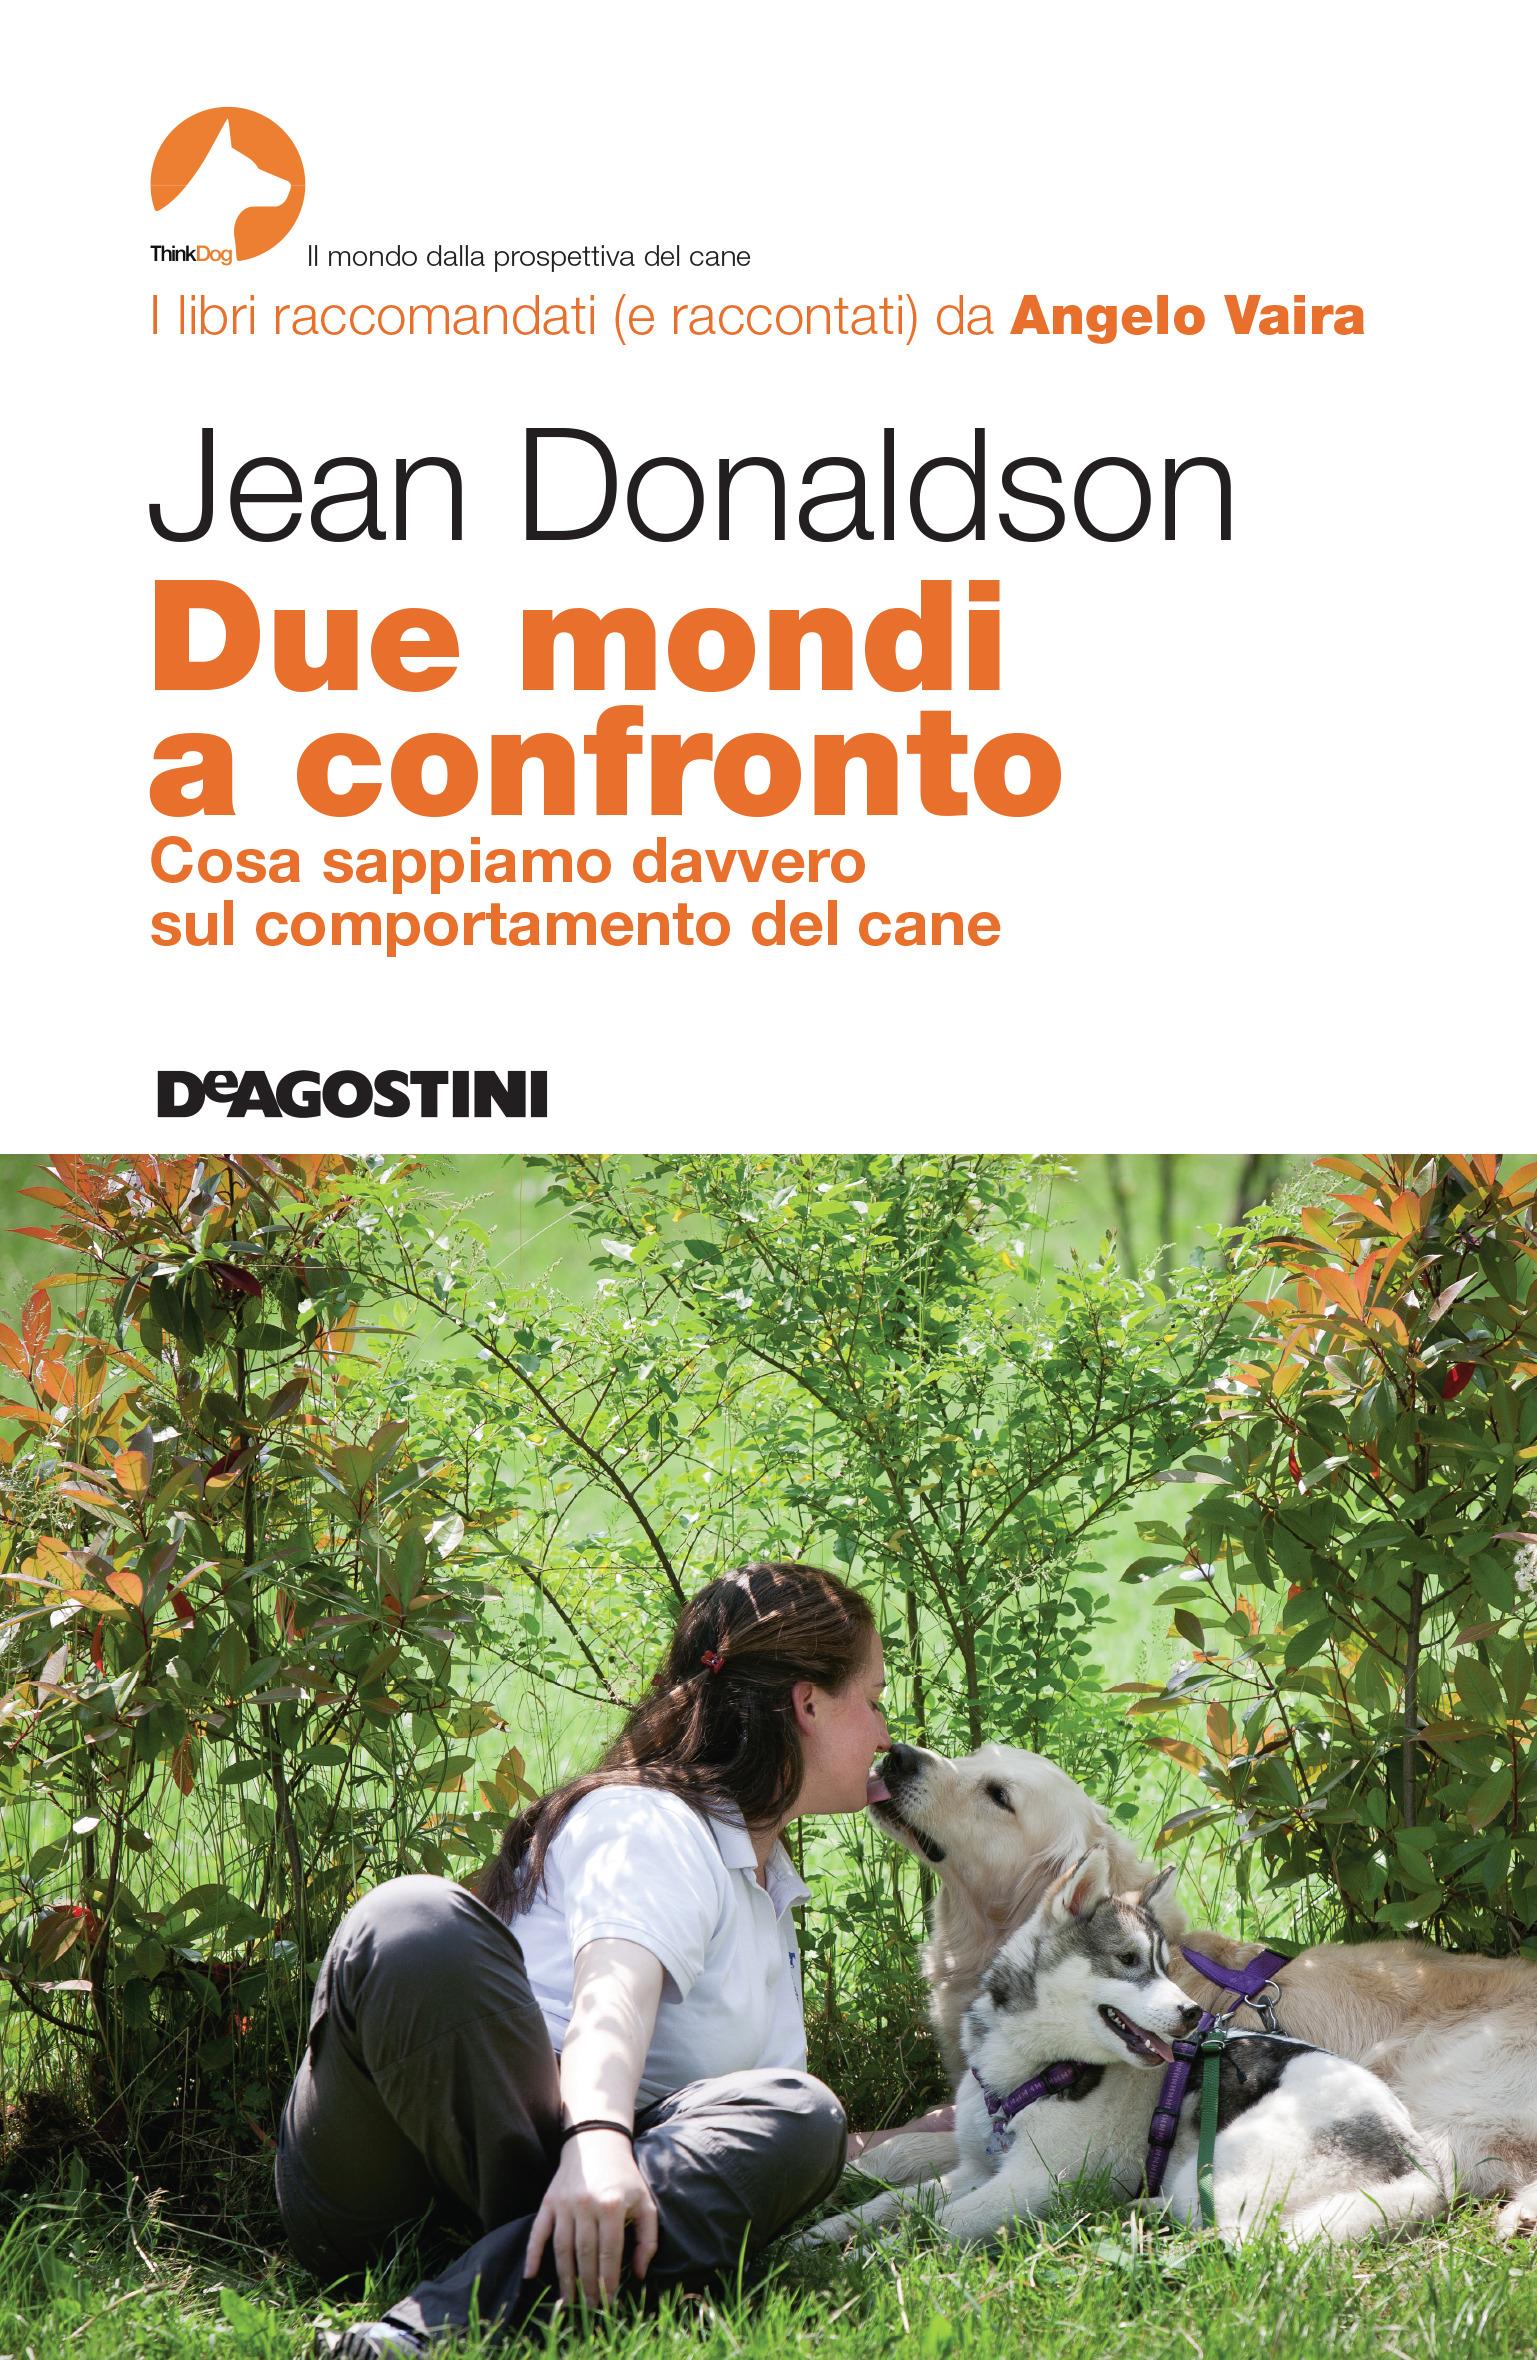 Due mondi a confronto. Cosa sappiamo davvero sul comportamento del cane di Jean Donaldson